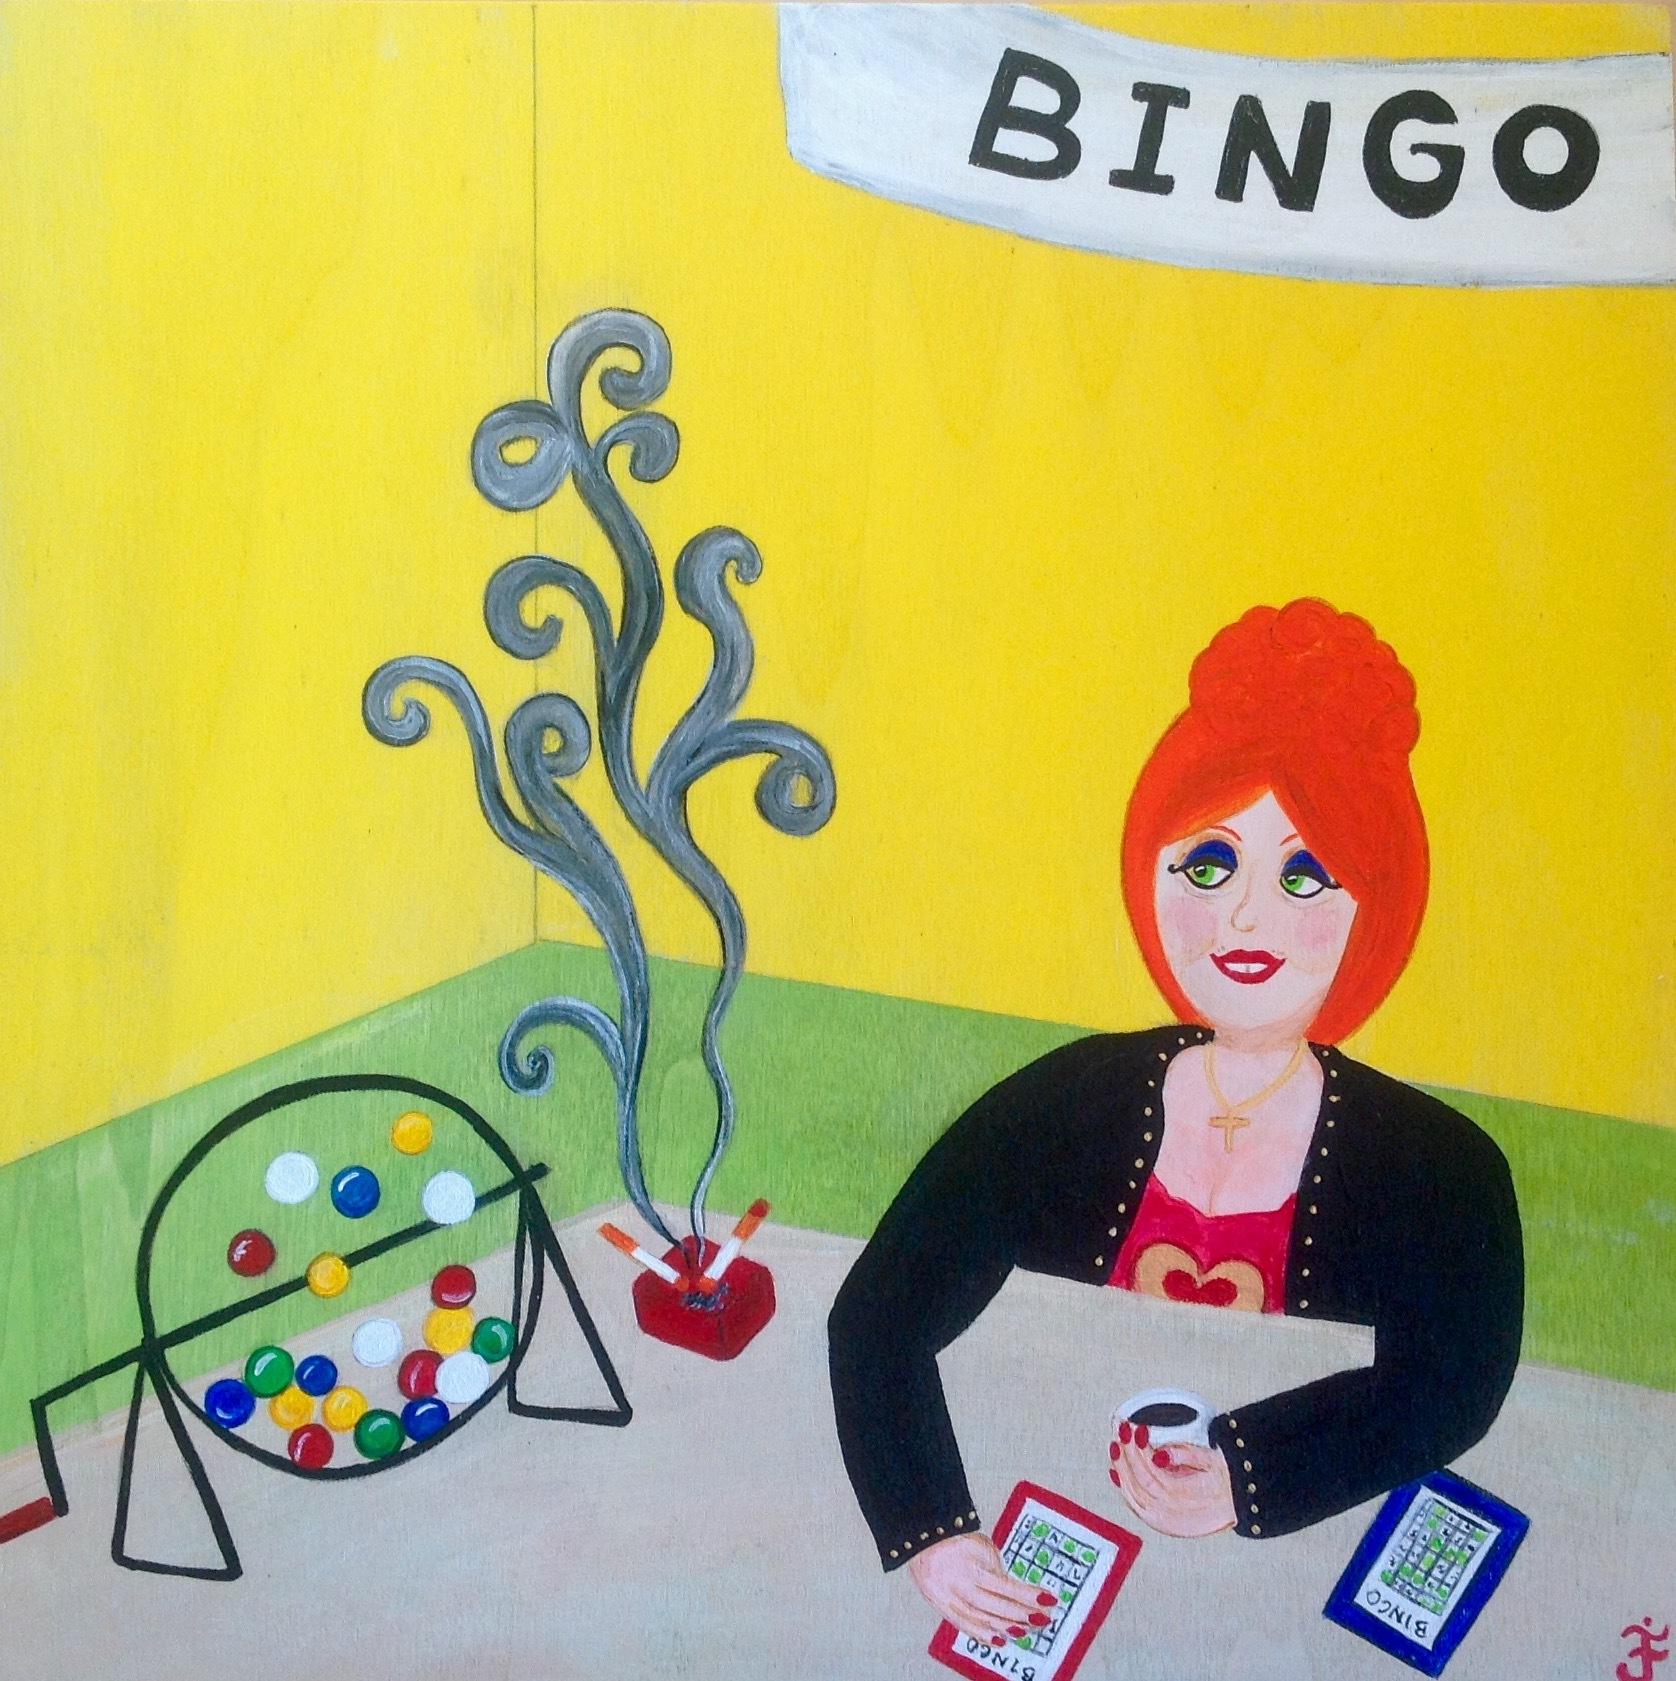 Bingo Whore